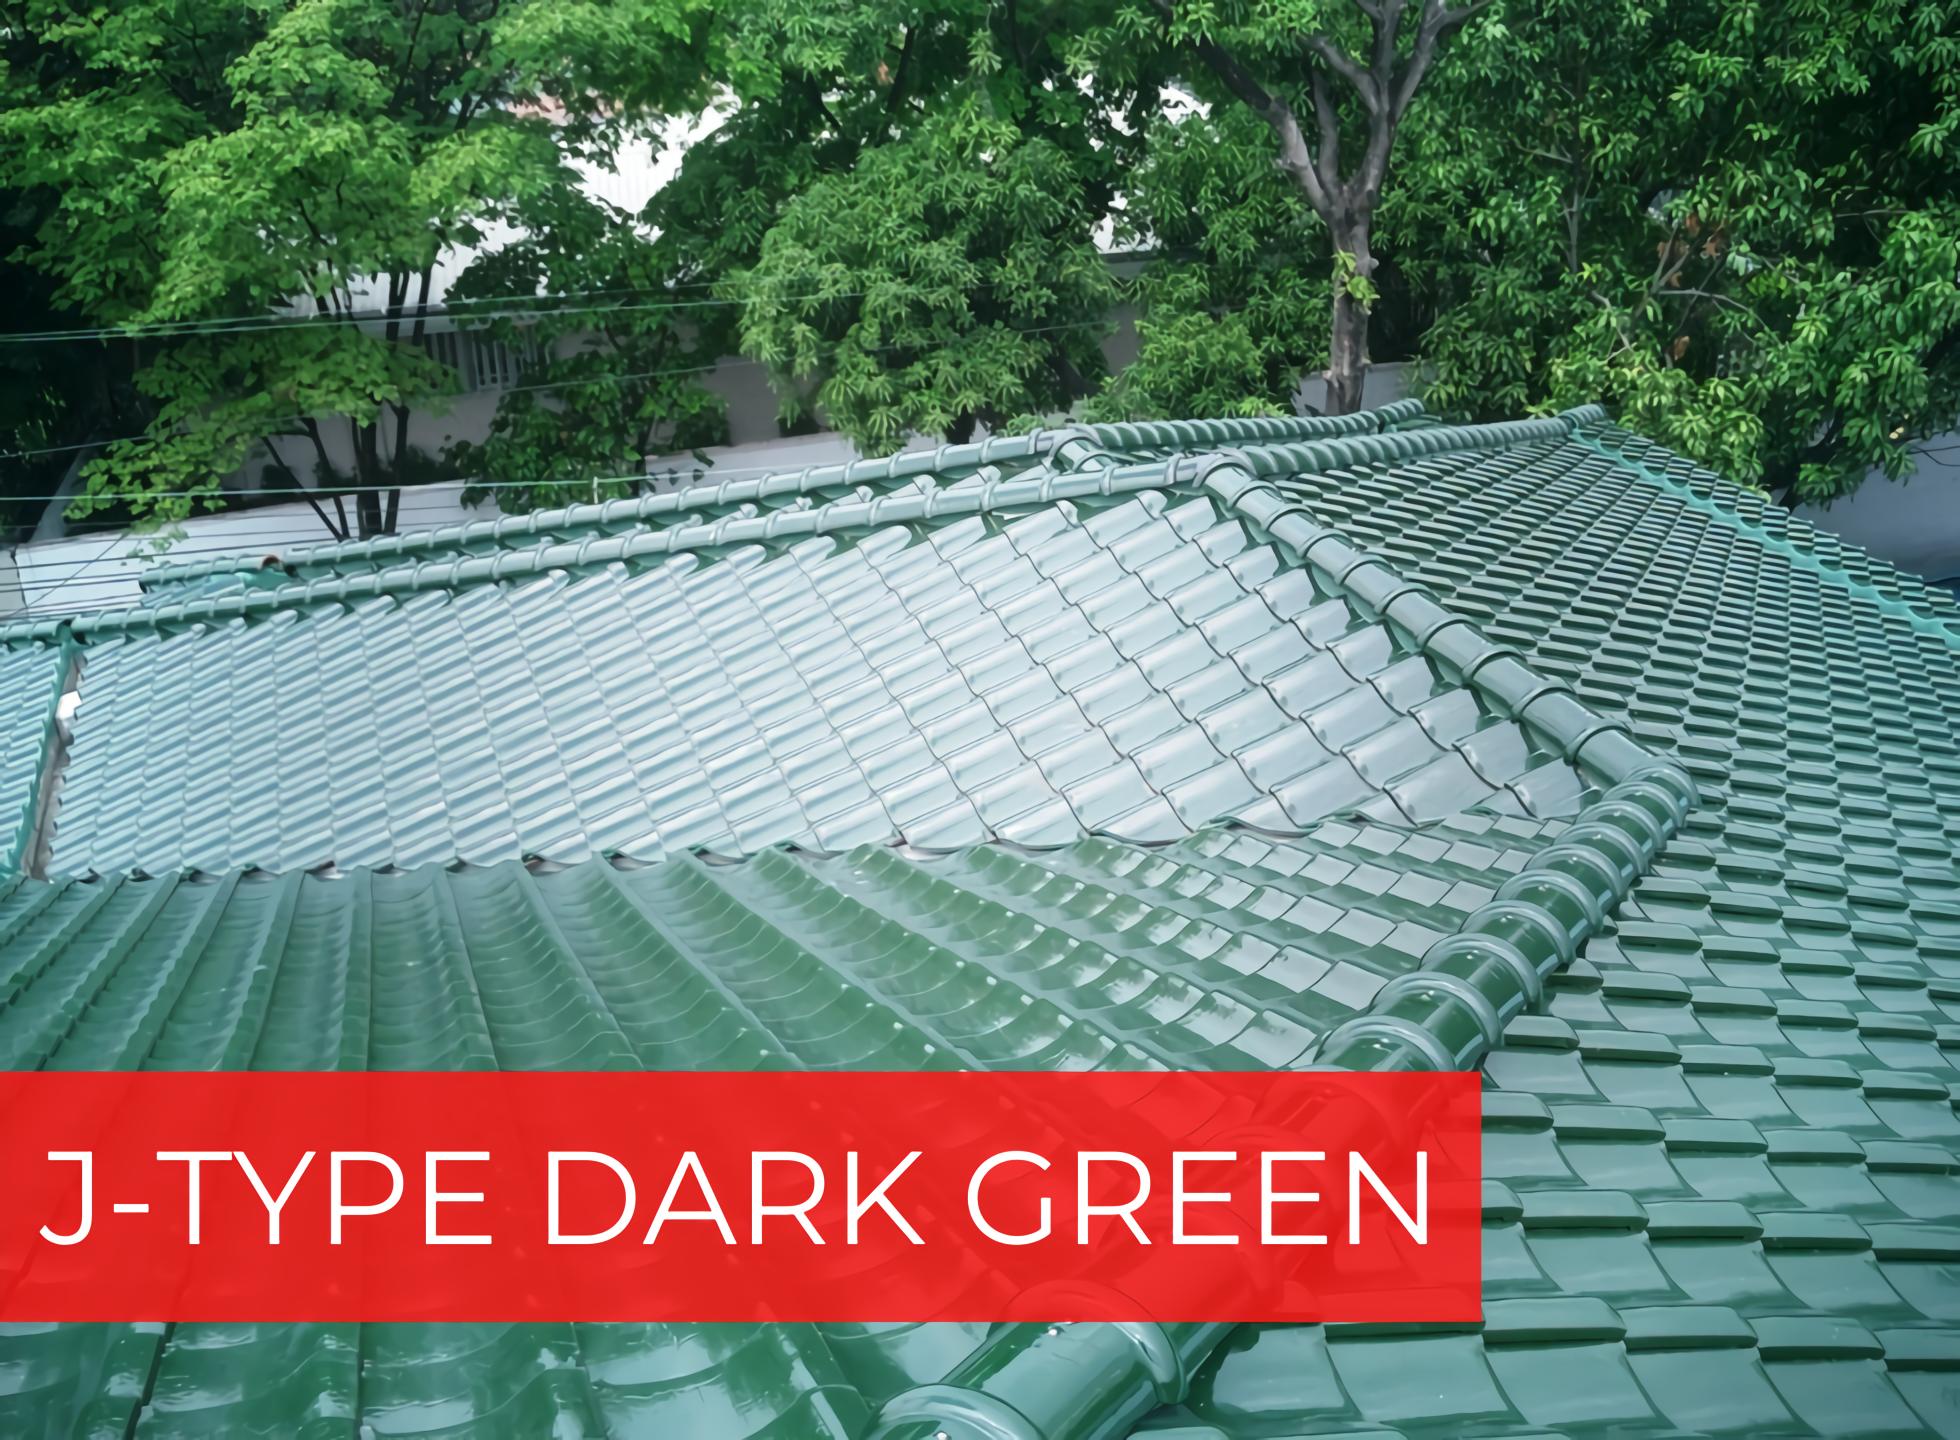 J-TYPE DARK GREEN photo